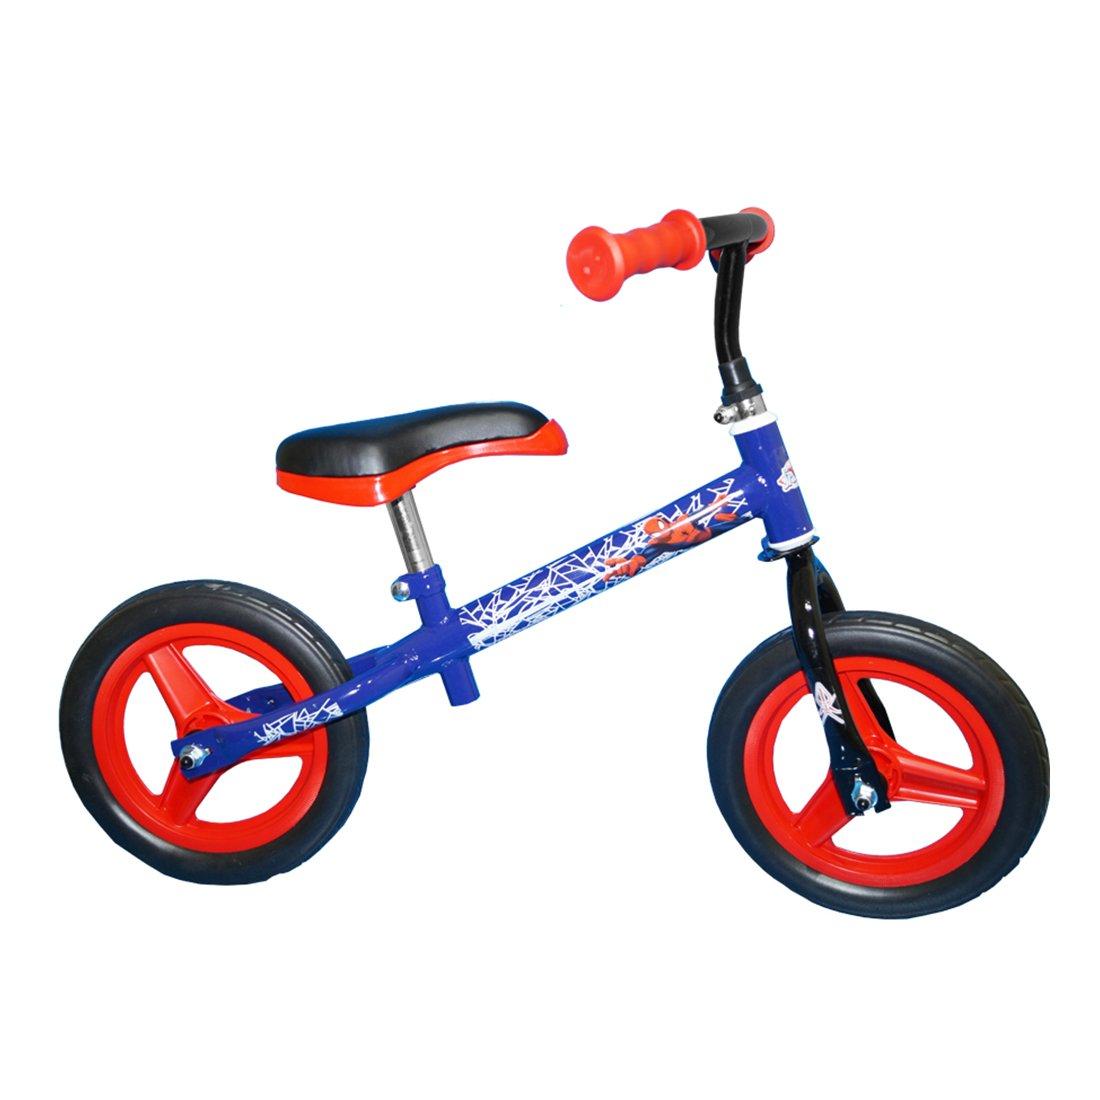 Bicicleta fara pedale Toimsa Spiderman - 10 inch